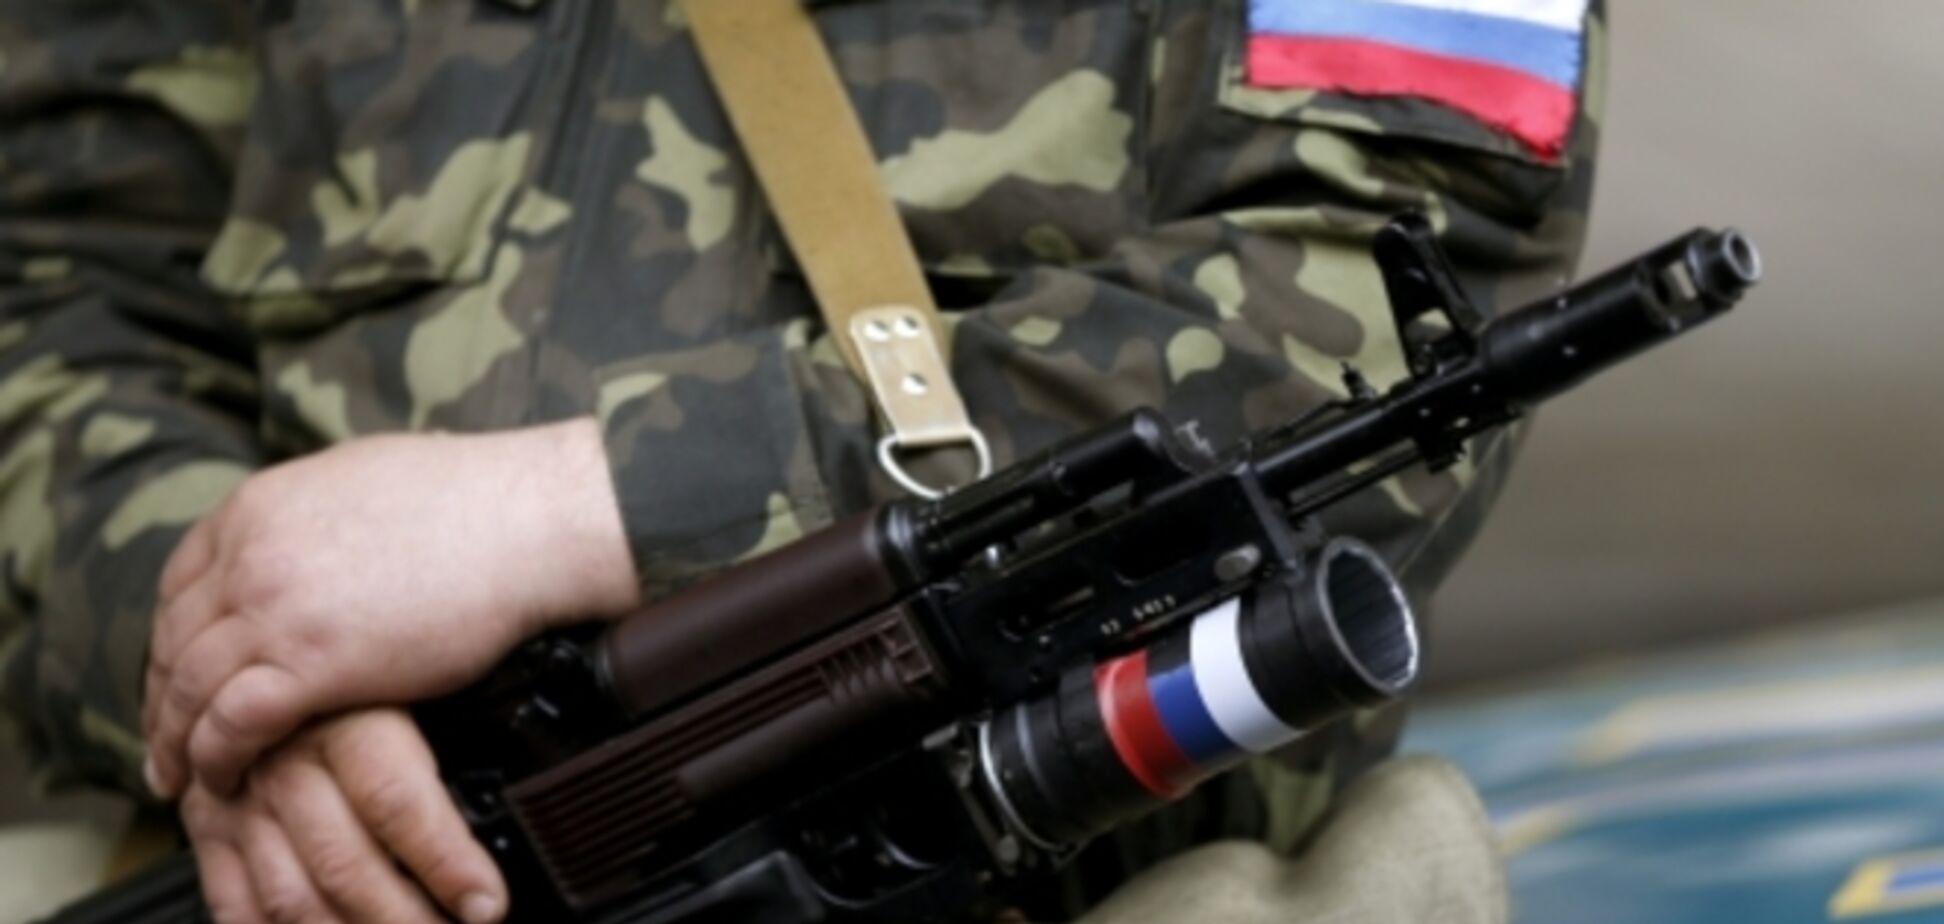 Террористы требуют 100 тыс. грн за маму 19-летнего свободовца из Макеевки